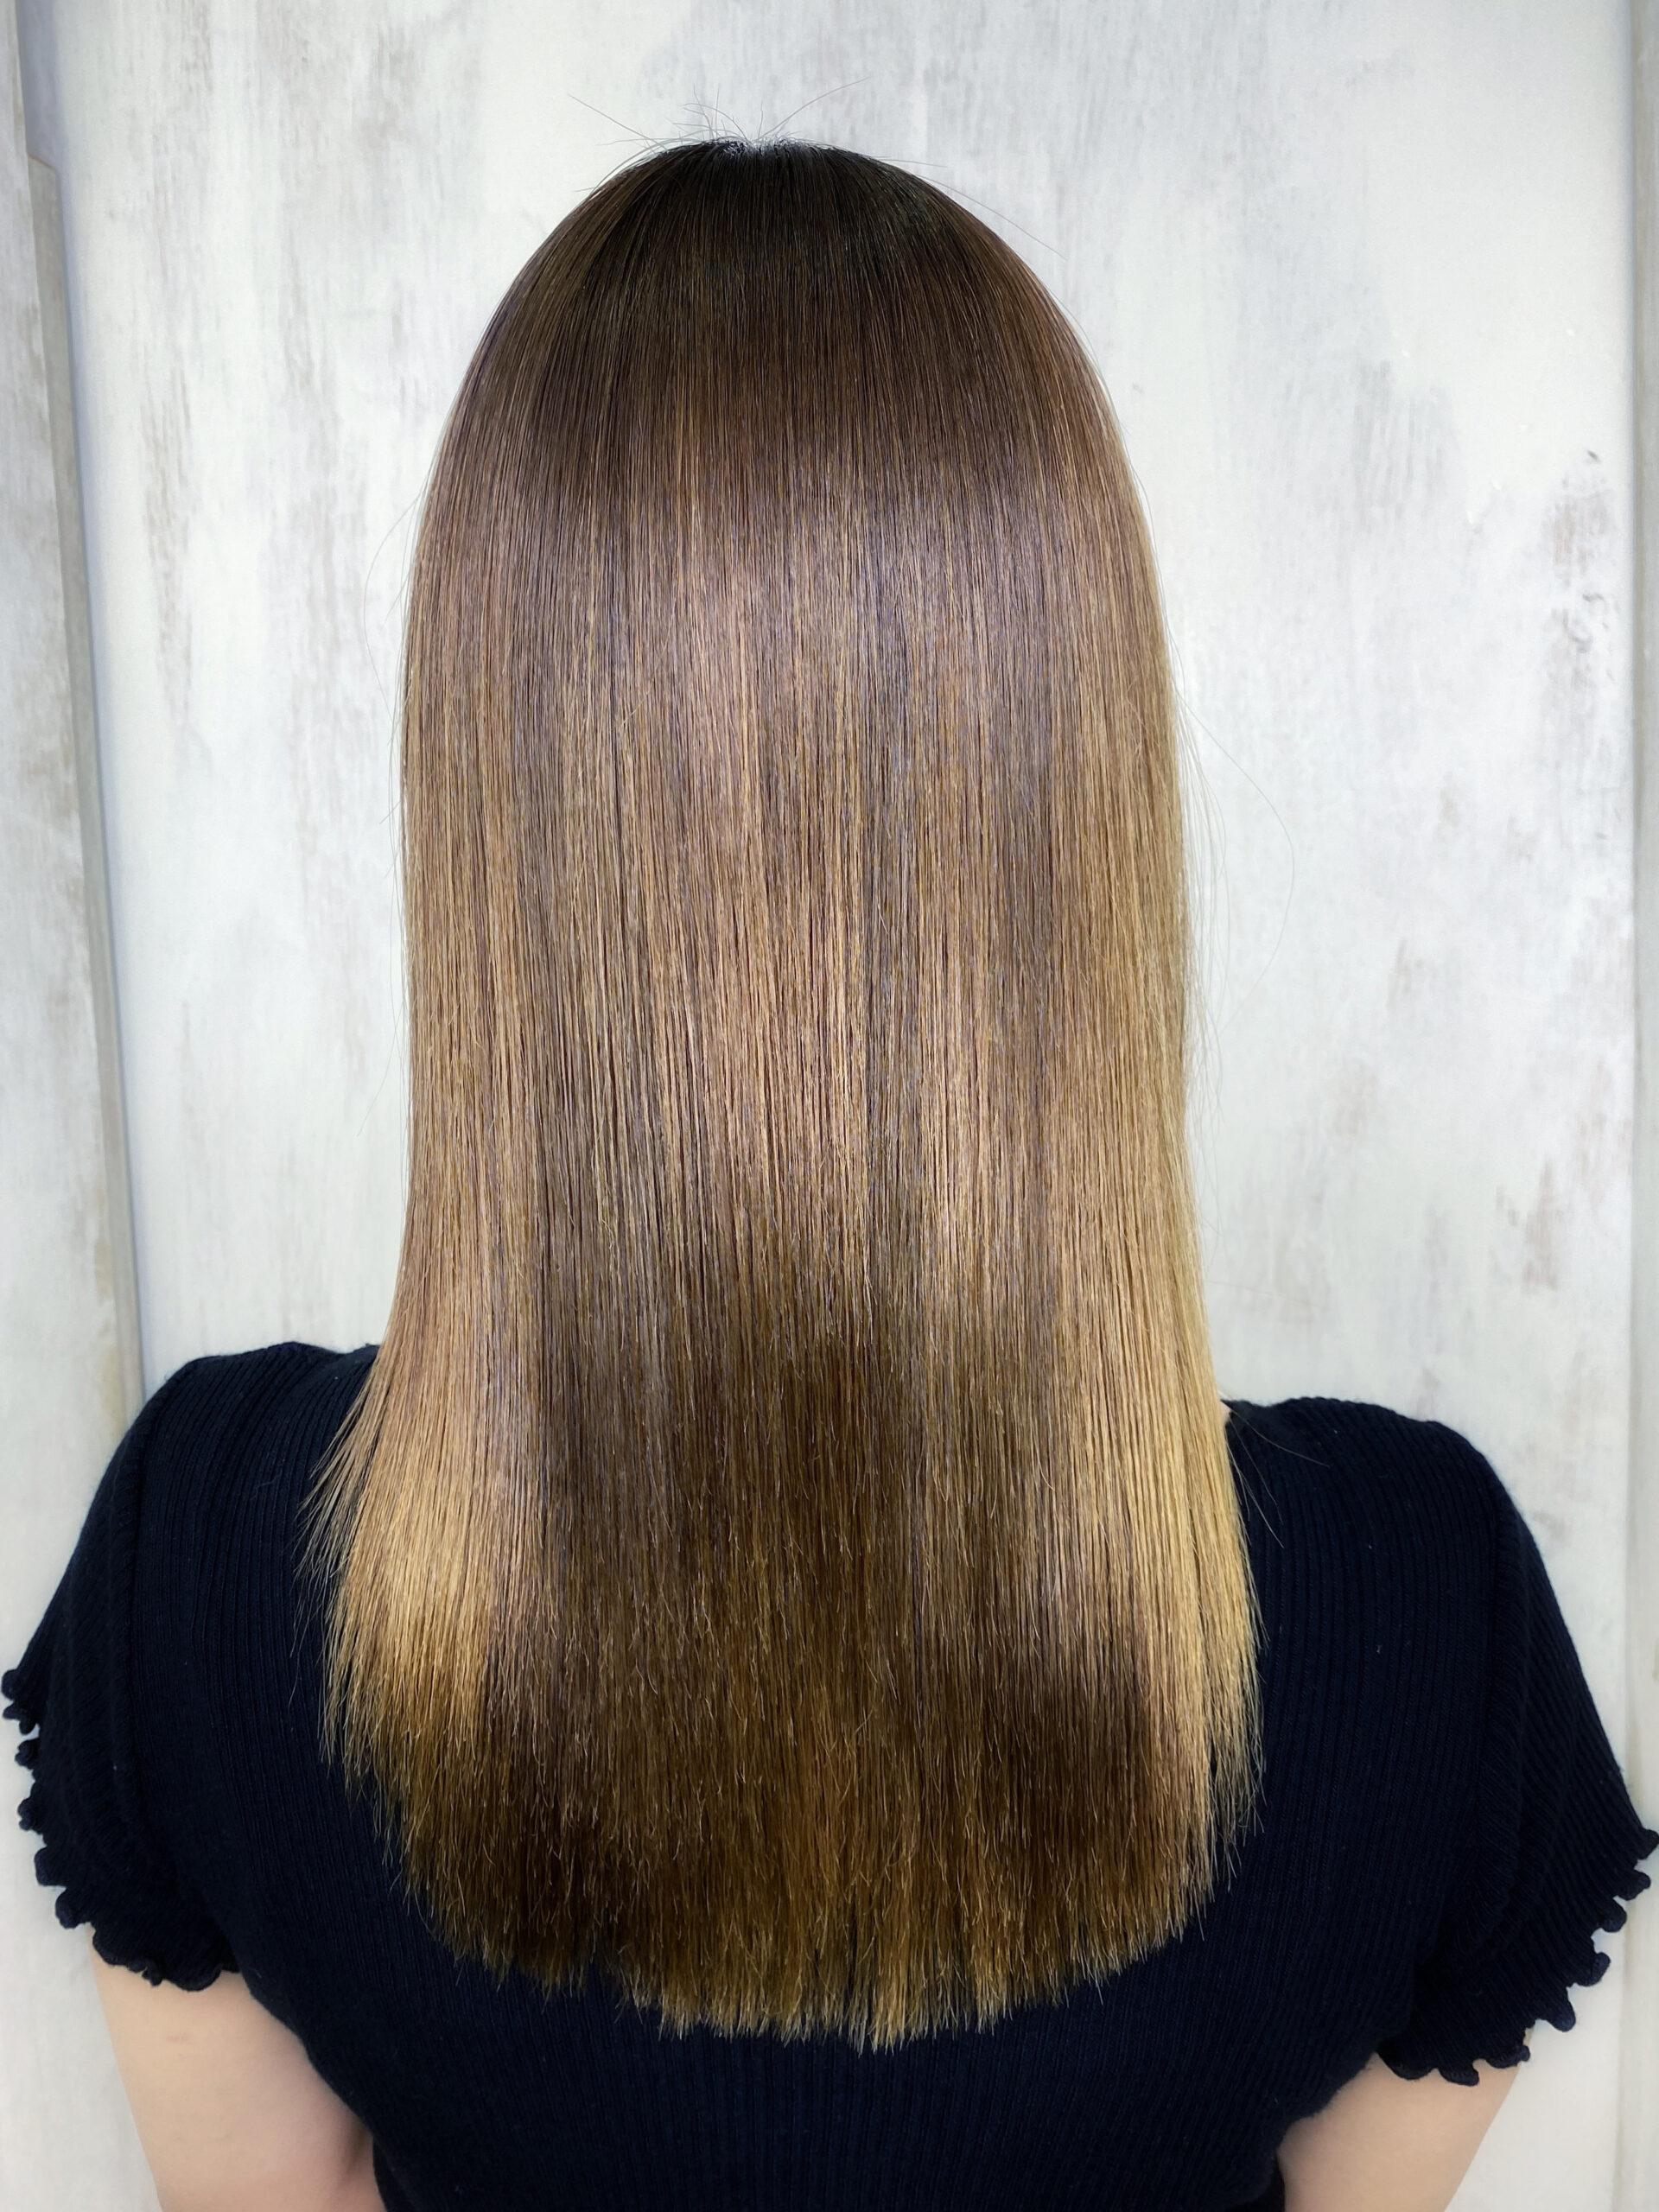 ブリーチと縮毛矯正をしたら髪がチリチリに。。ビビリ矯正で艶髪。